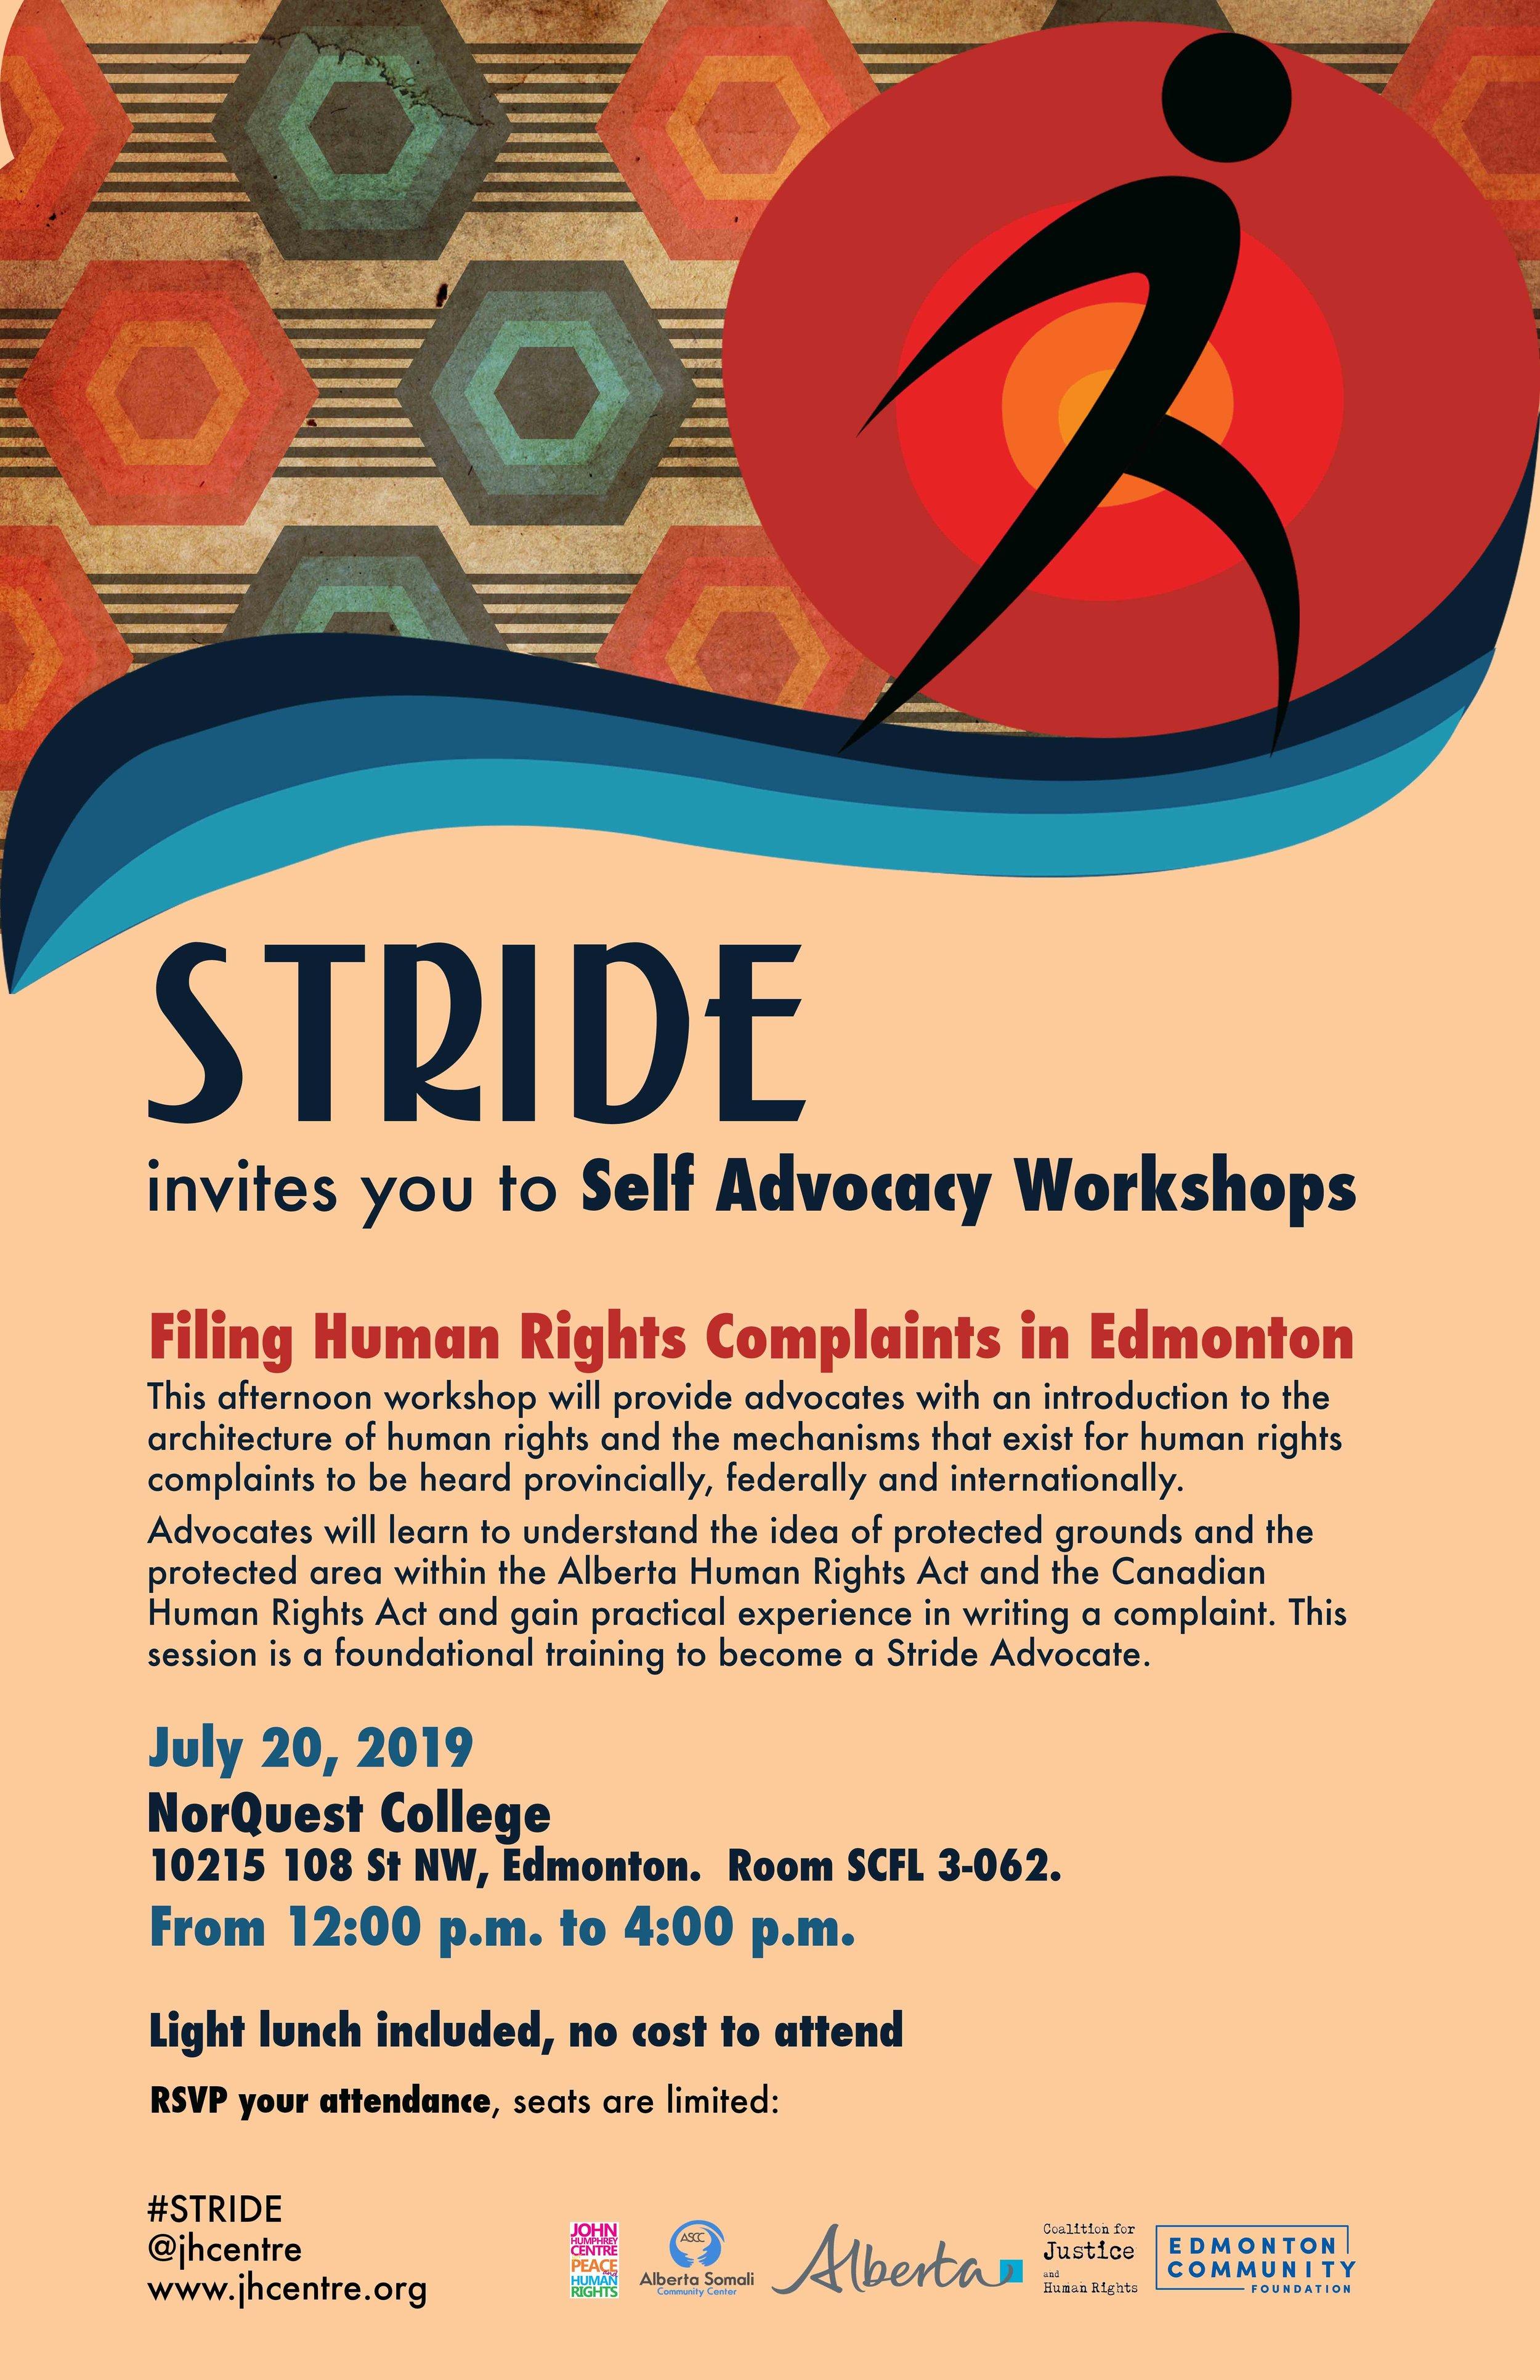 Stride Edmonton: Filing Human Rights Complaints Workshop July 2019